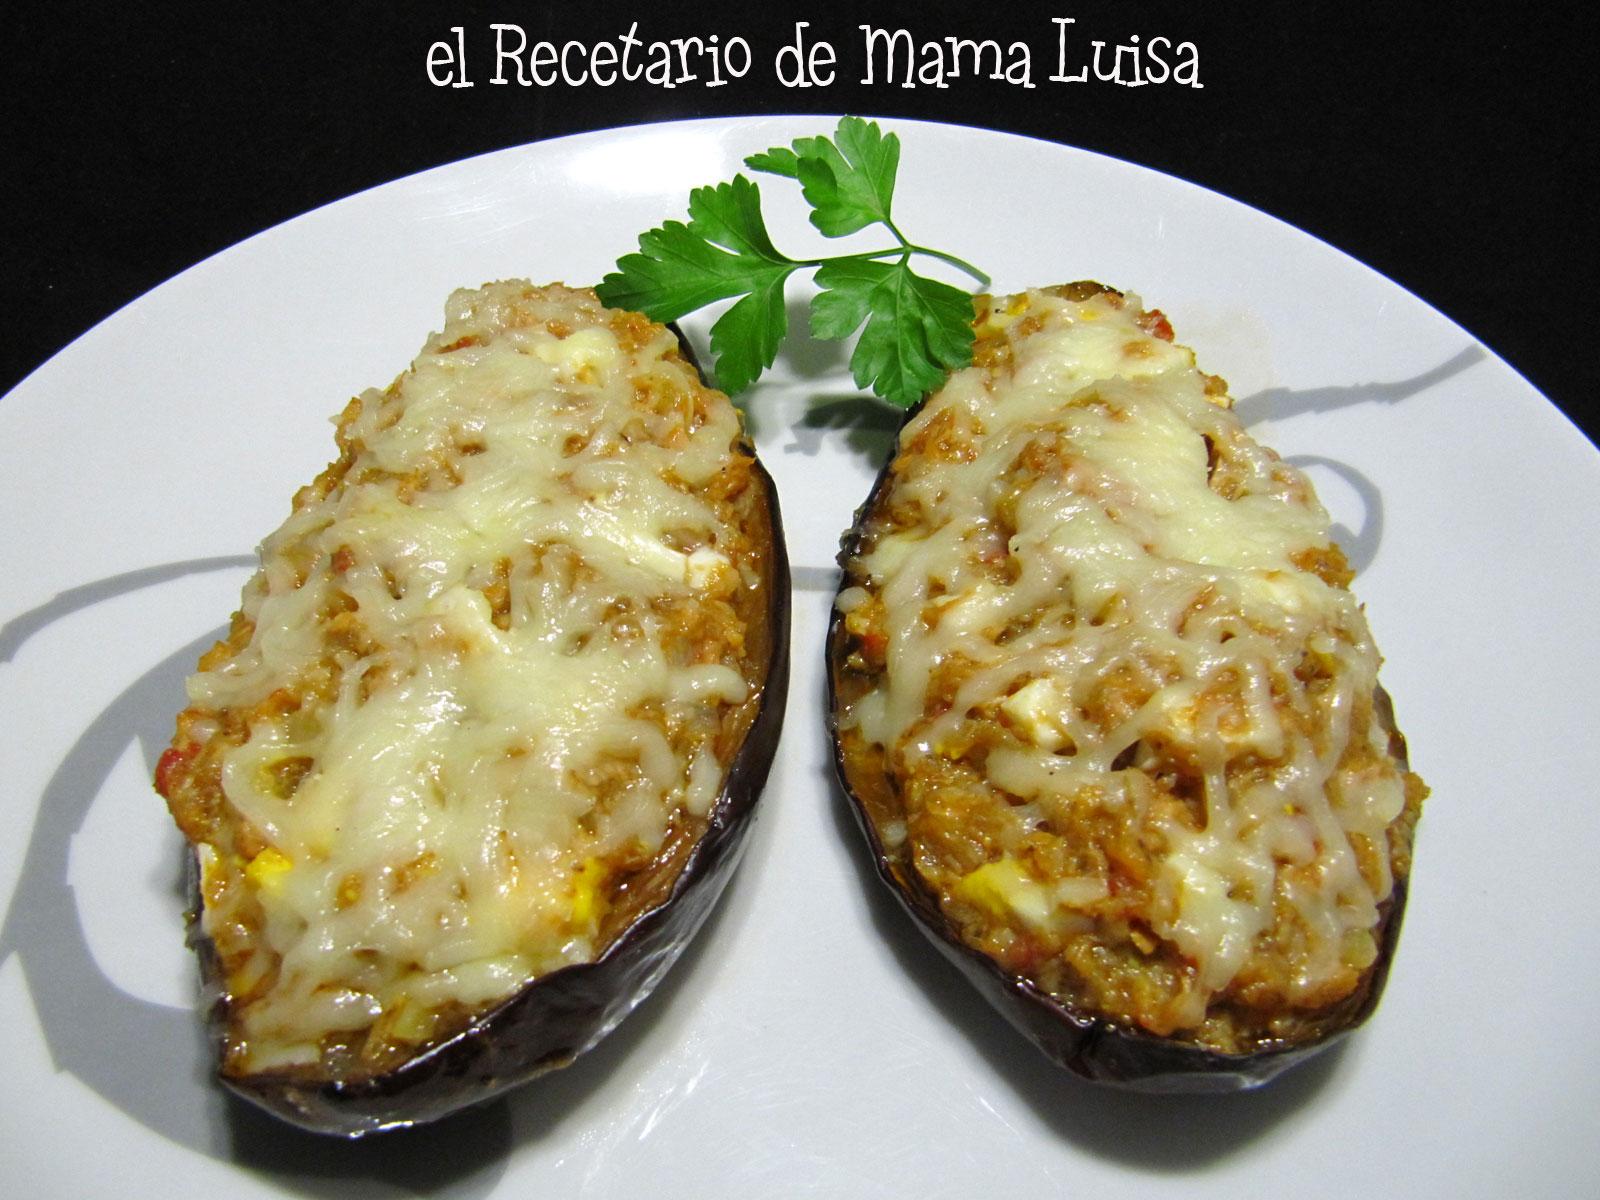 El recetario de mama luisa berenjenas rellenas de bacalao - Berenjenas rellenas de bacalao ...